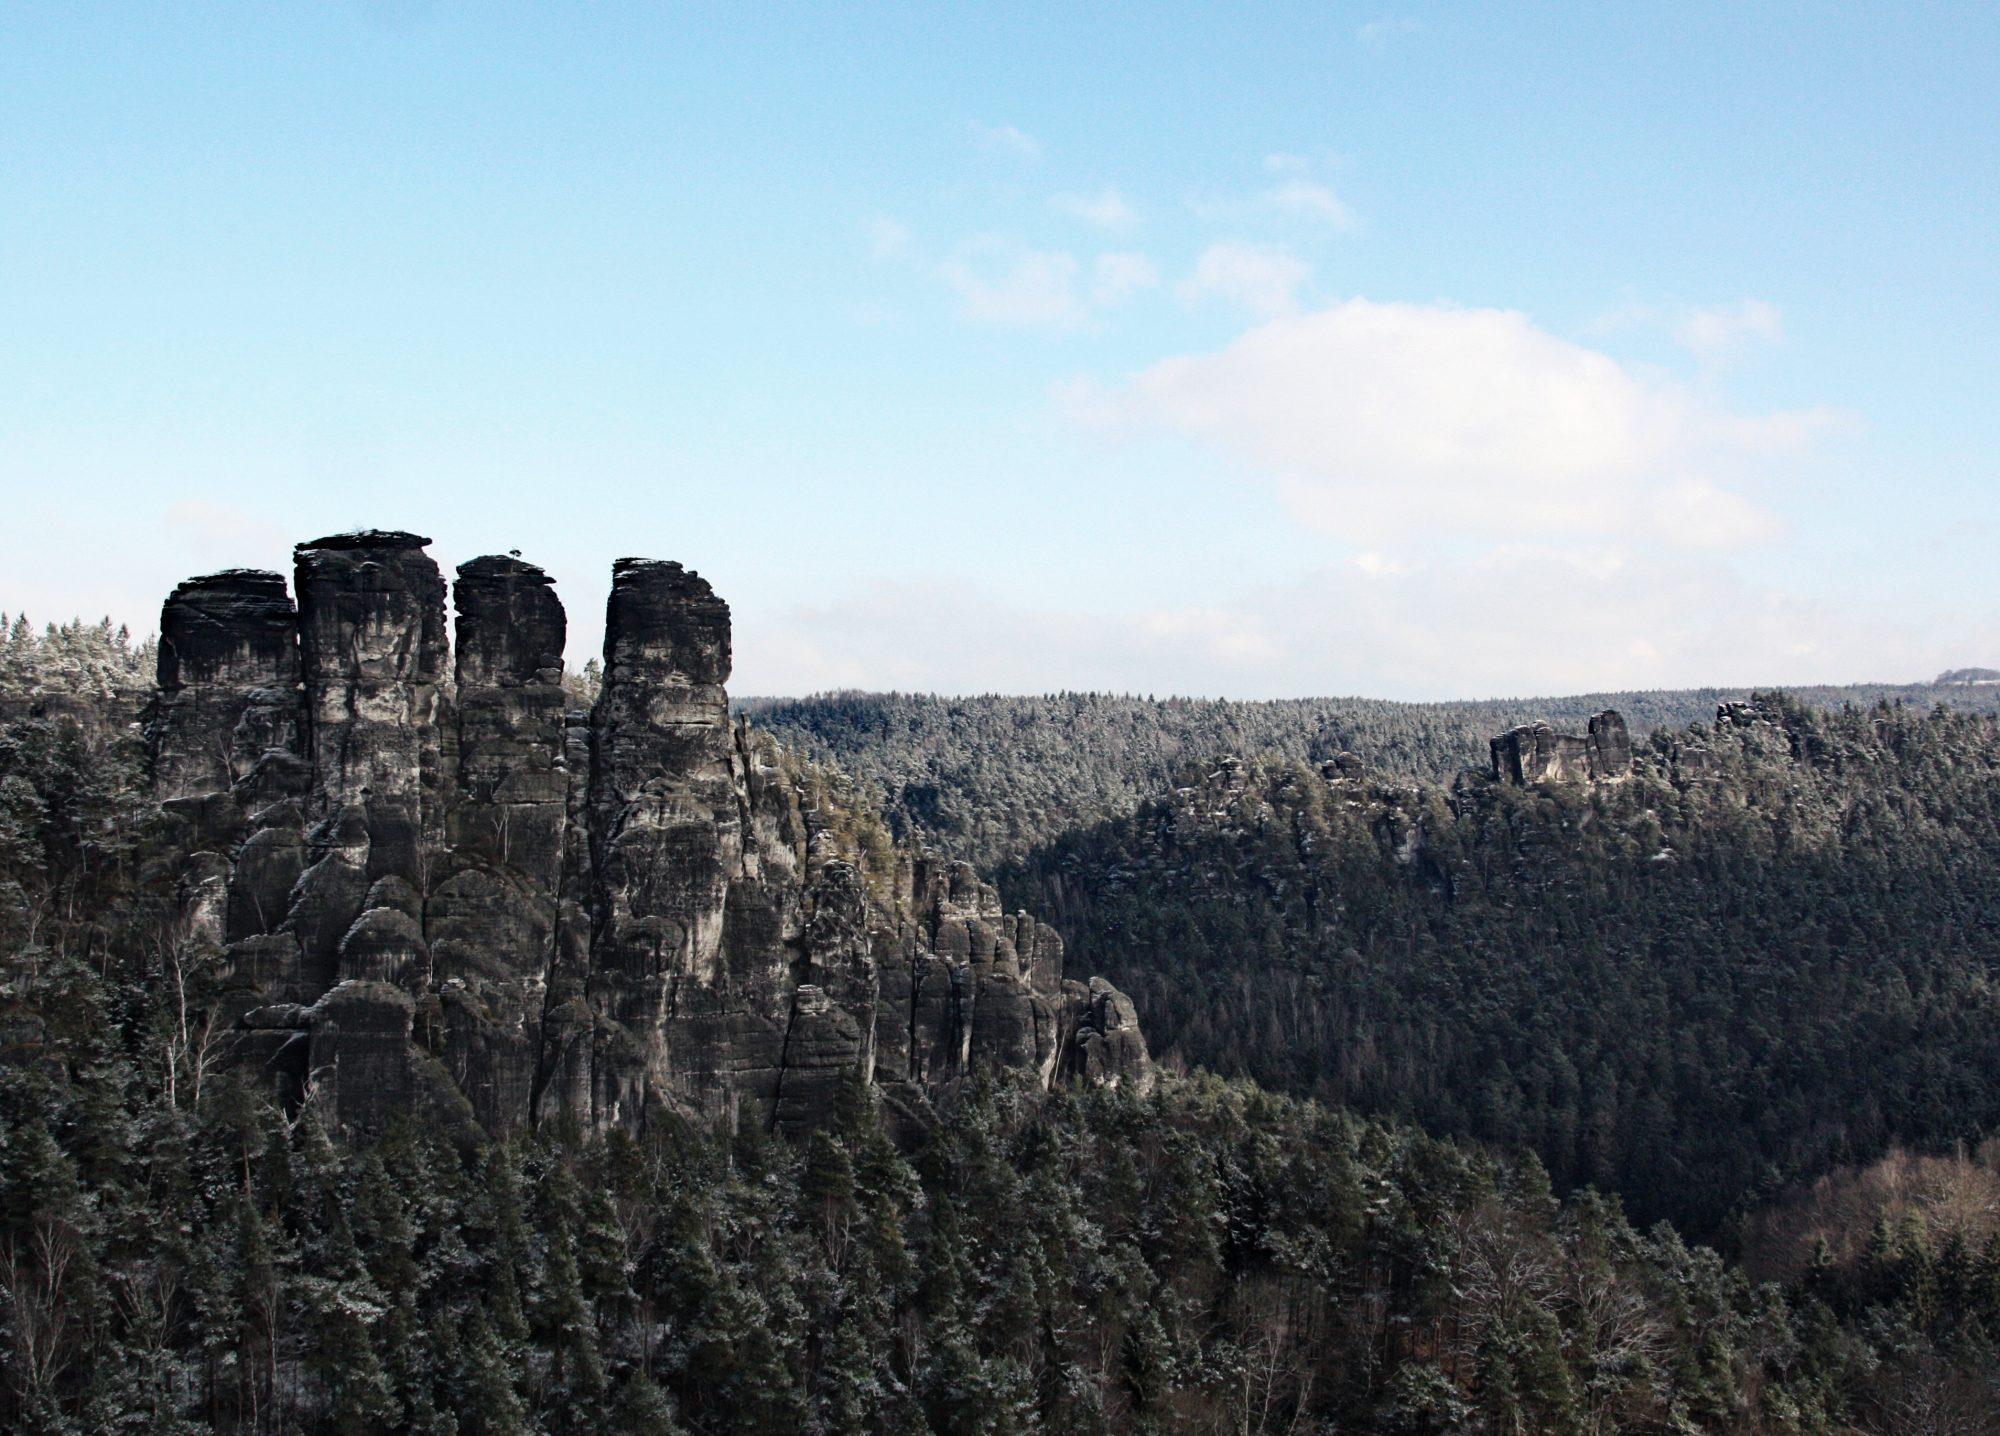 Sächsische Schweiz, Elbsandsteingebirge, Bastei, Basteibrücke, Rathen, Winter, Wandern